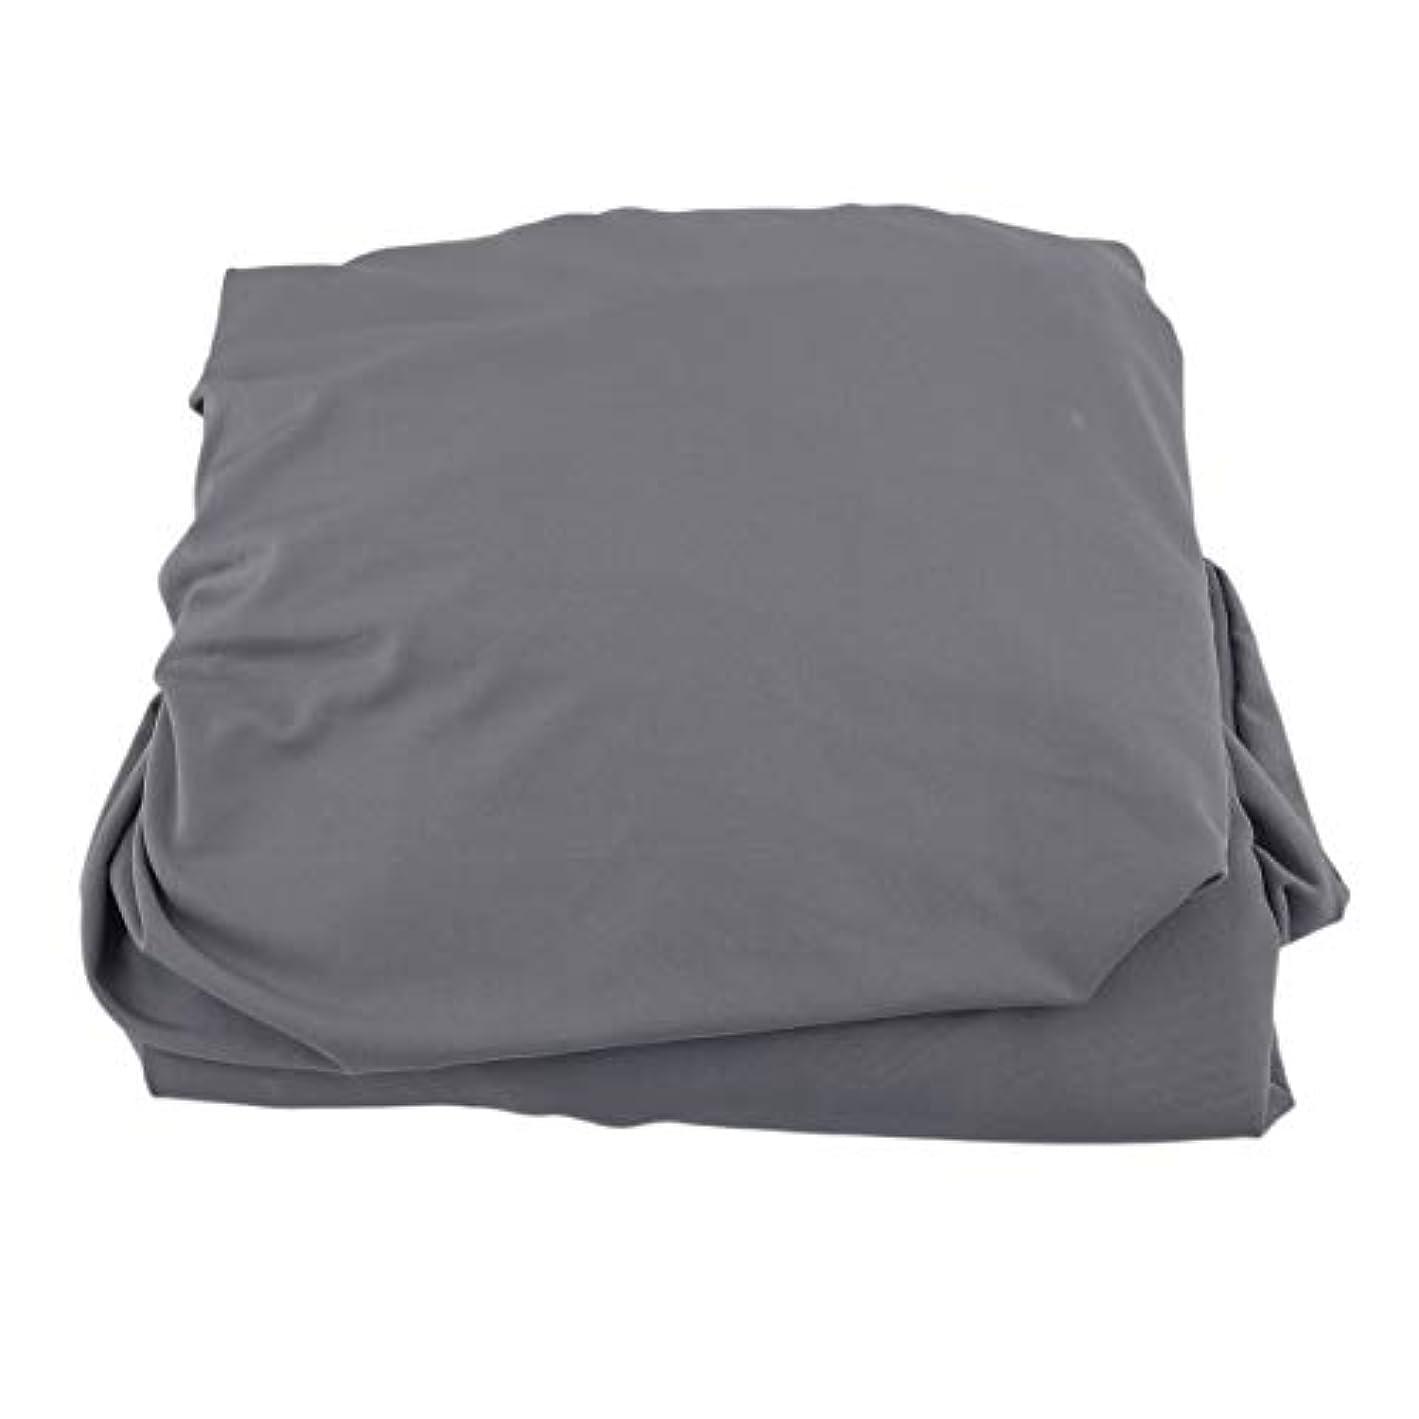 封筒商品コカインSaikogoods 弾性ポリエステルソファカバーピュアカラーストレッチ本のカバー柔軟な椅子Dustcoat耐久性のあるソファーカバー家具の布 グレー